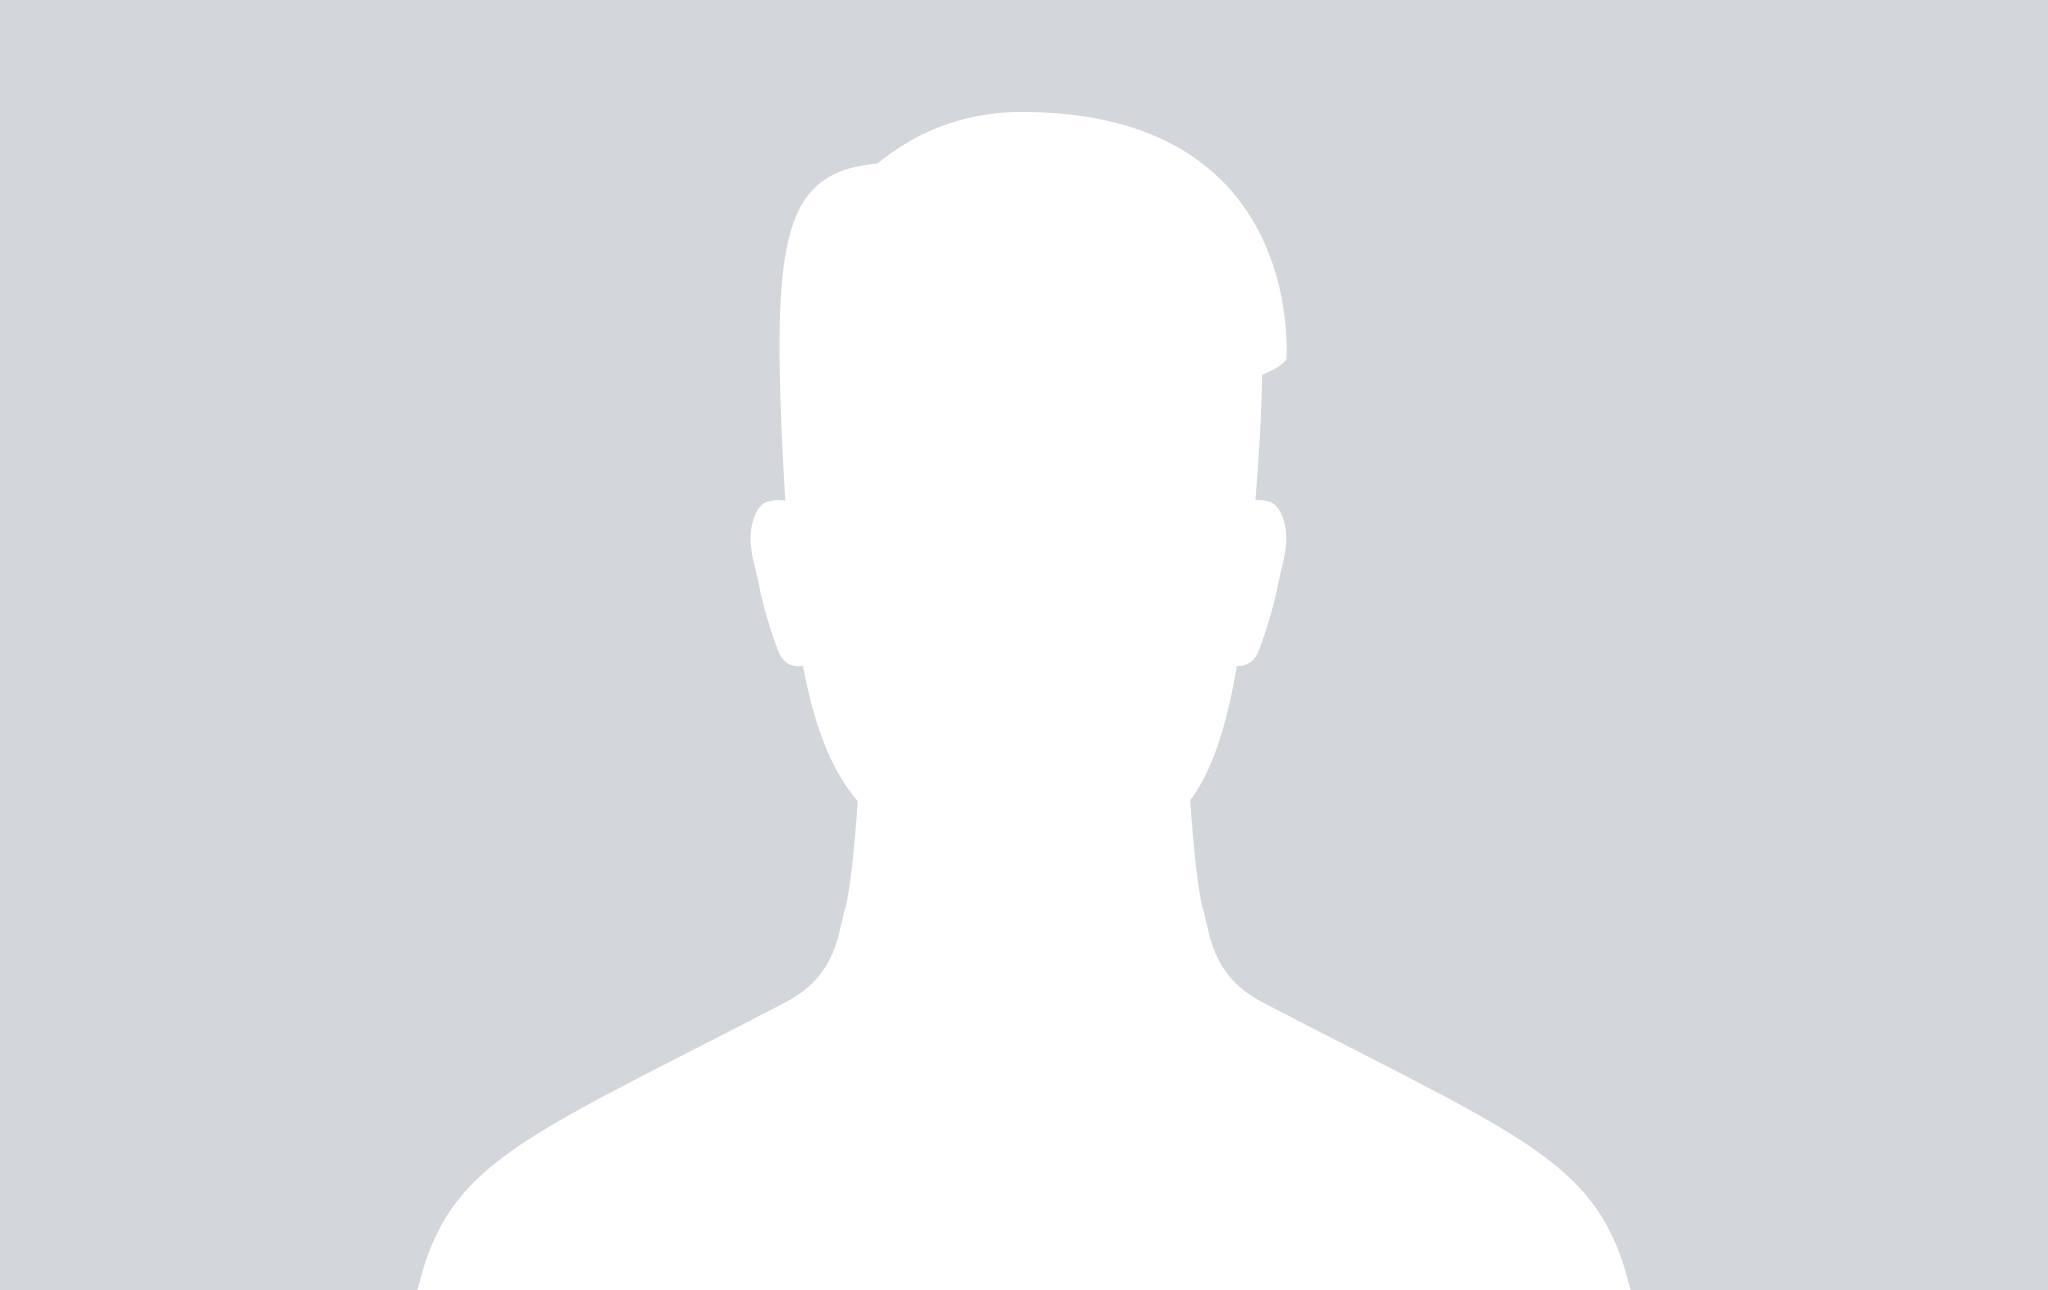 https://d2yht872mhrlra.cloudfront.net/user/123970/user_123970.jpg